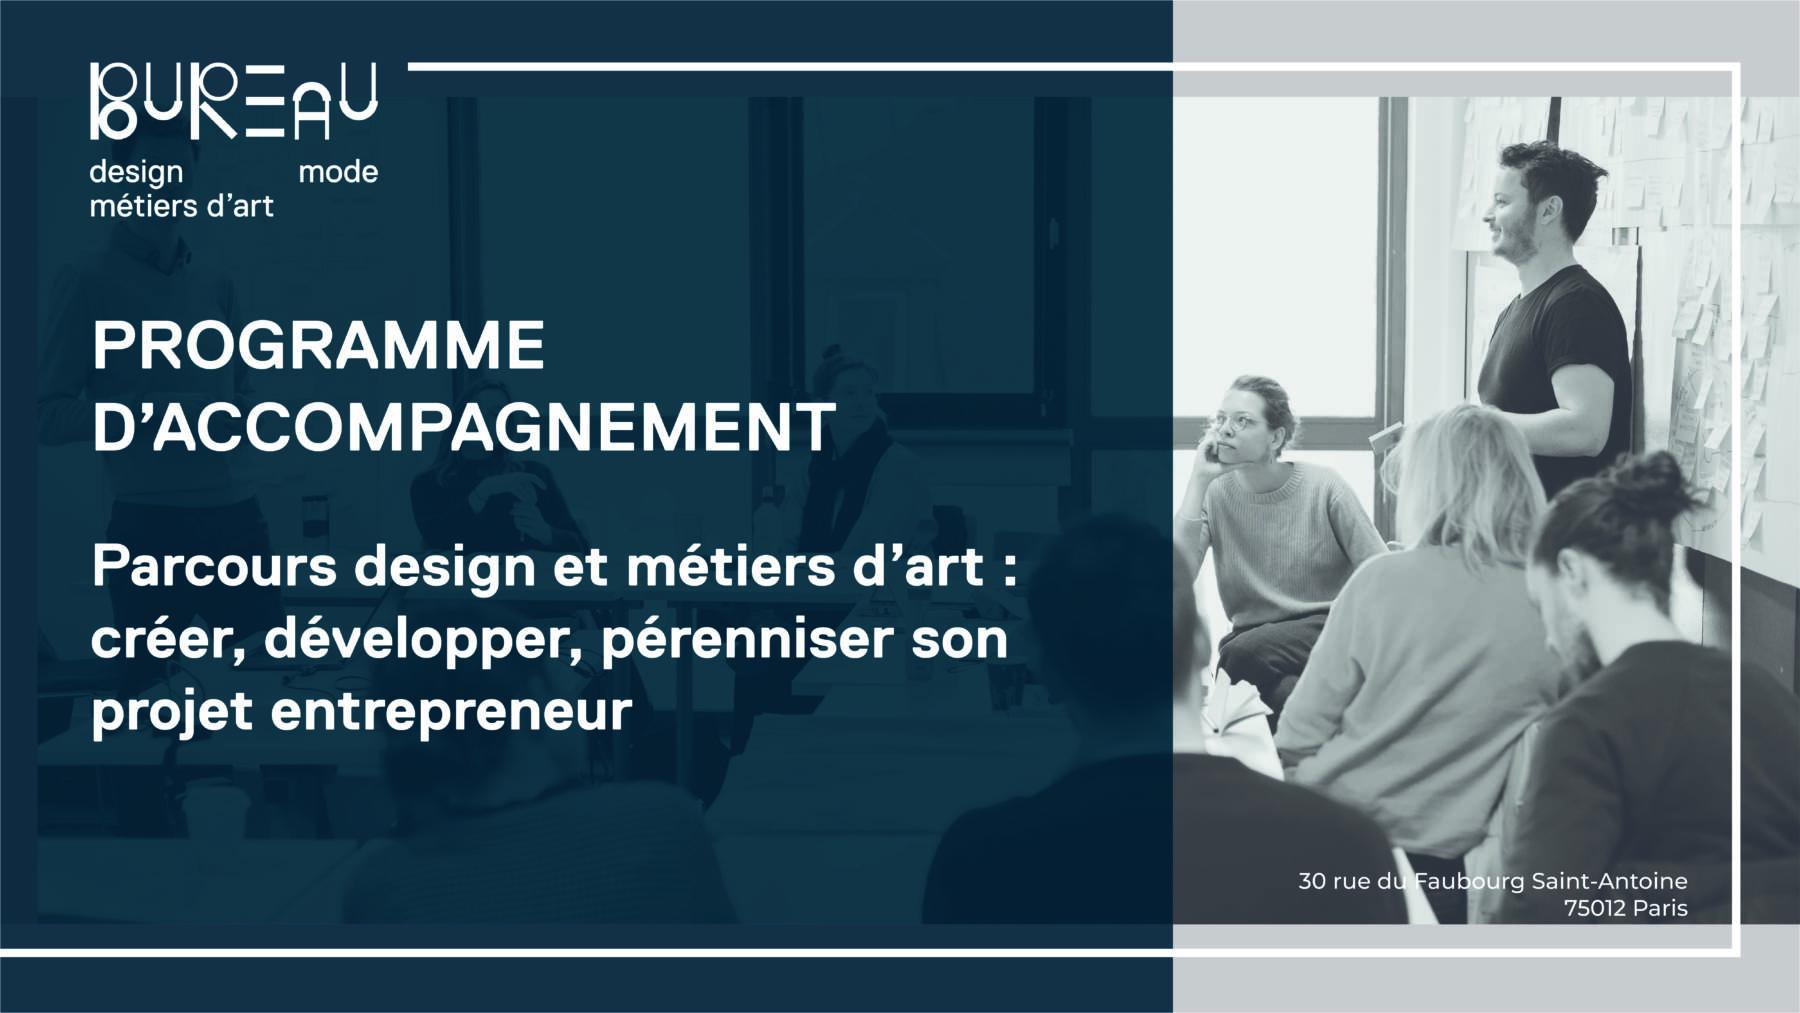 Parcours Design et Métiers d'art : créer, développer, pérenniser son projet d'entrepreneur